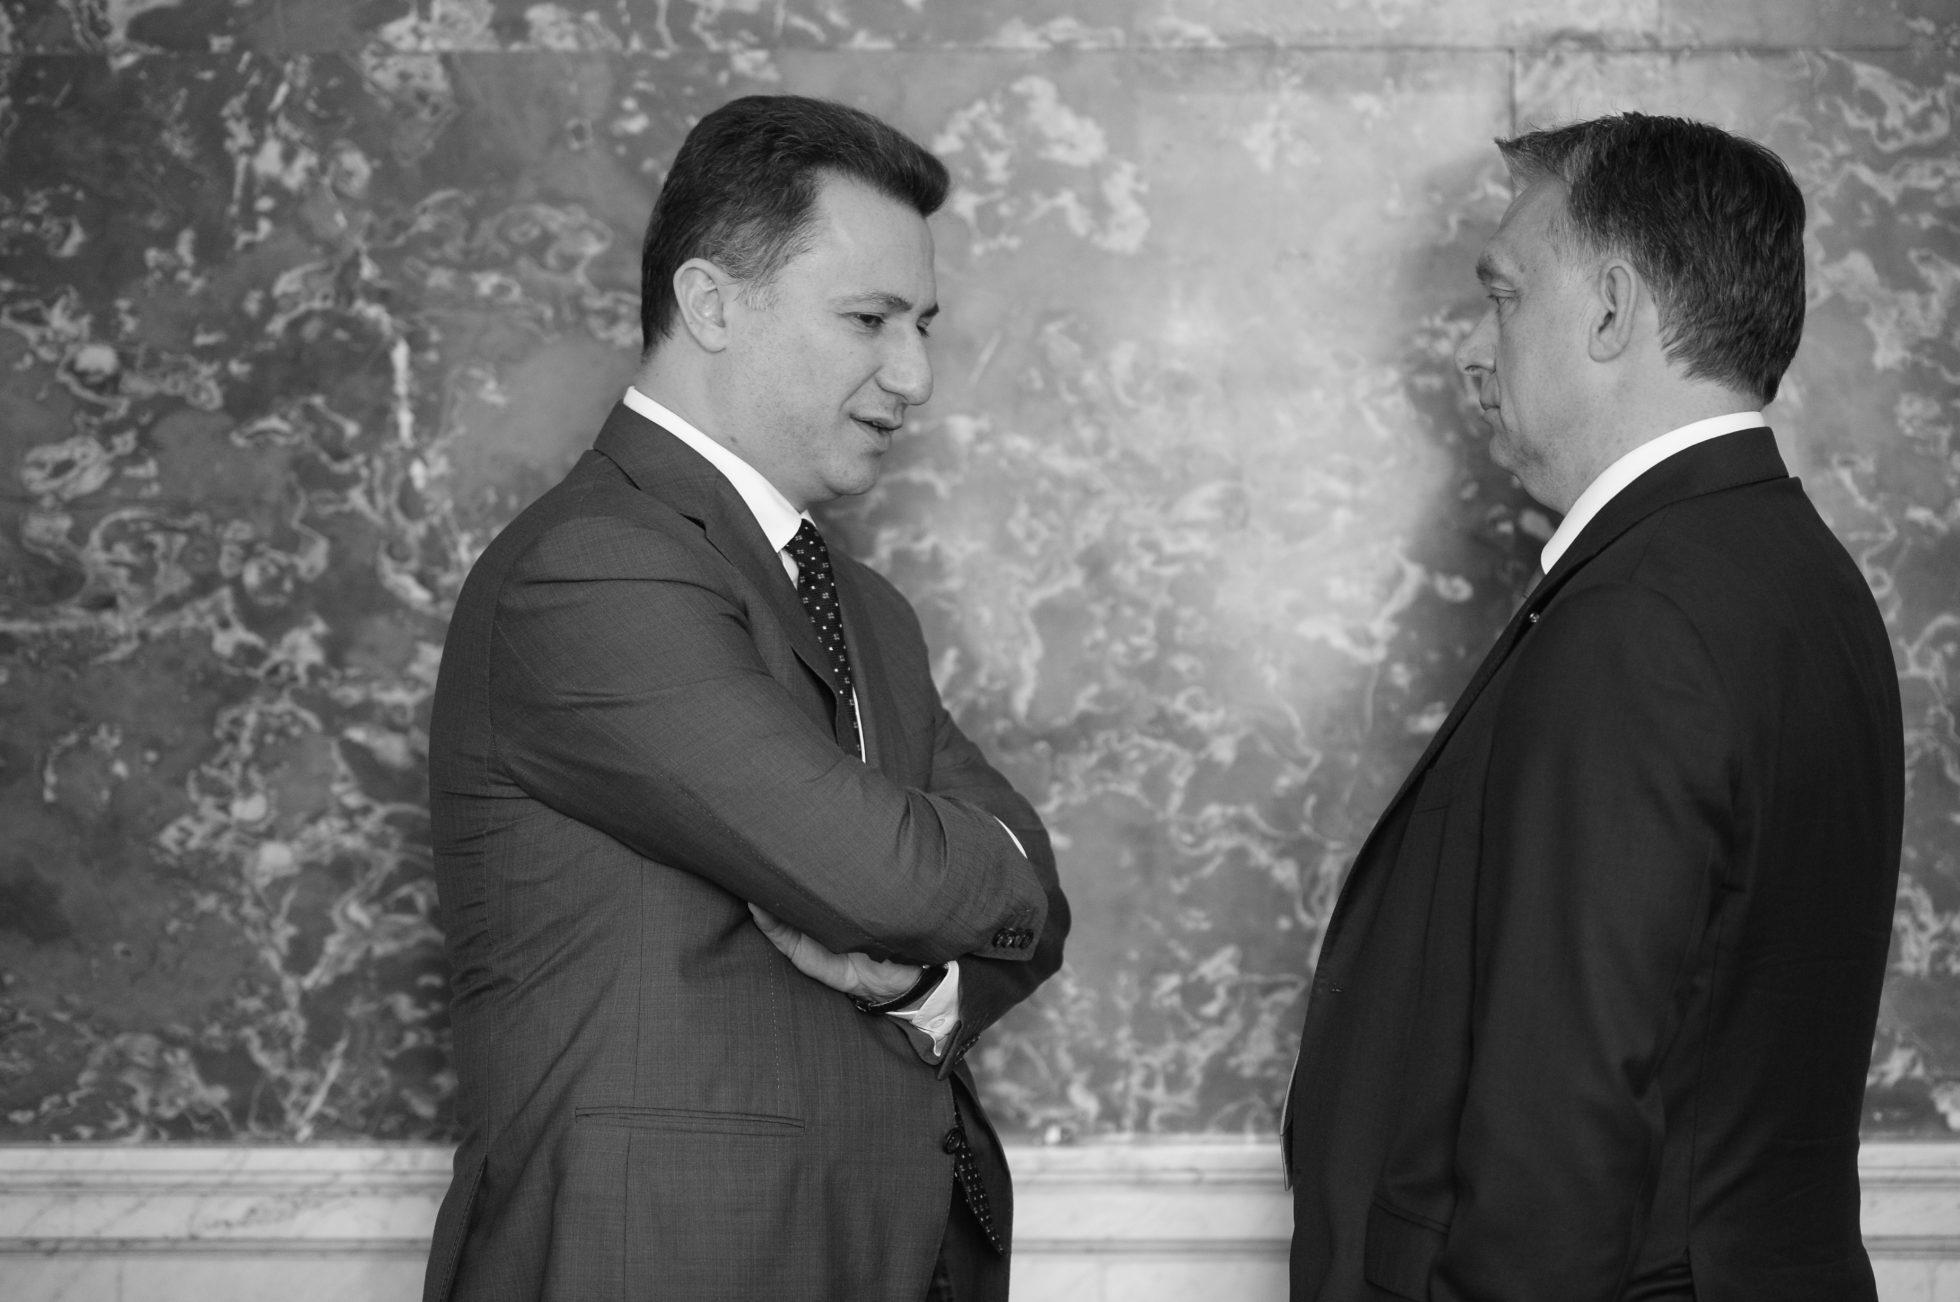 Život makedonského expremiéra odsouzeného za korupci: V Maďarsku může k volbám, schází se také s vládními představiteli